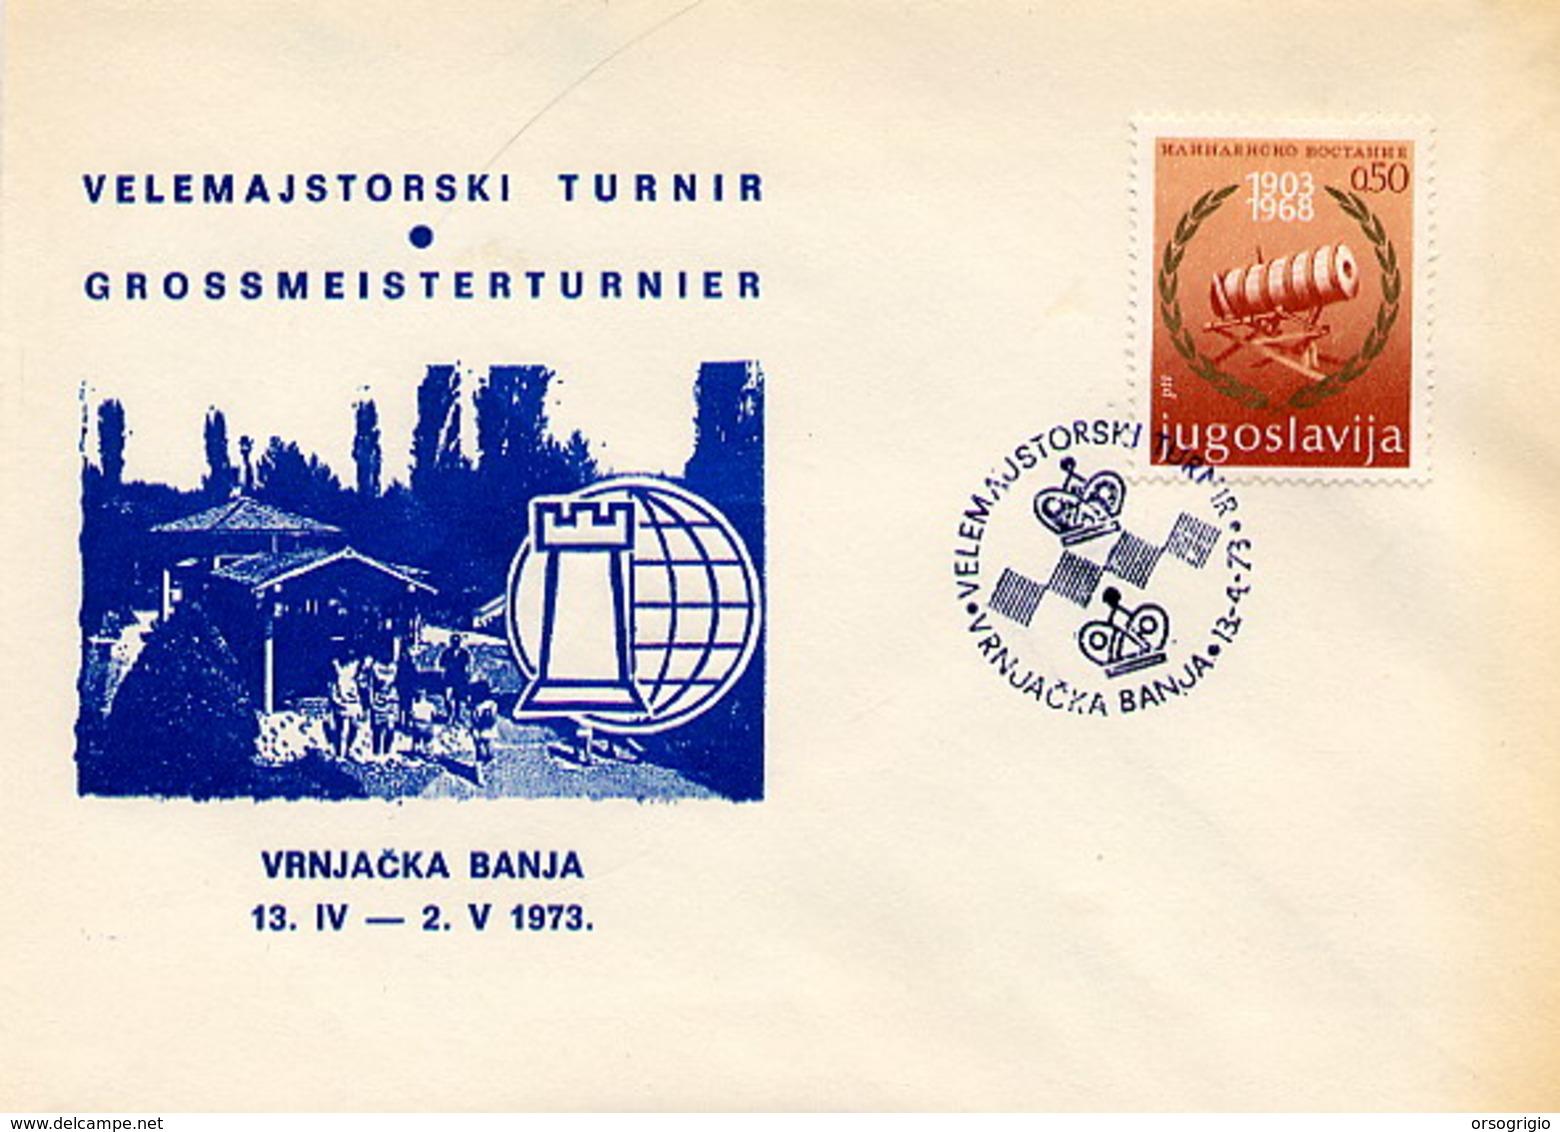 JUGOSLAVIA - VRNJACKA  BANJA 1973  - SZACHOWY - TORNEO DI SCACCHI -  CHESS - Scacchi